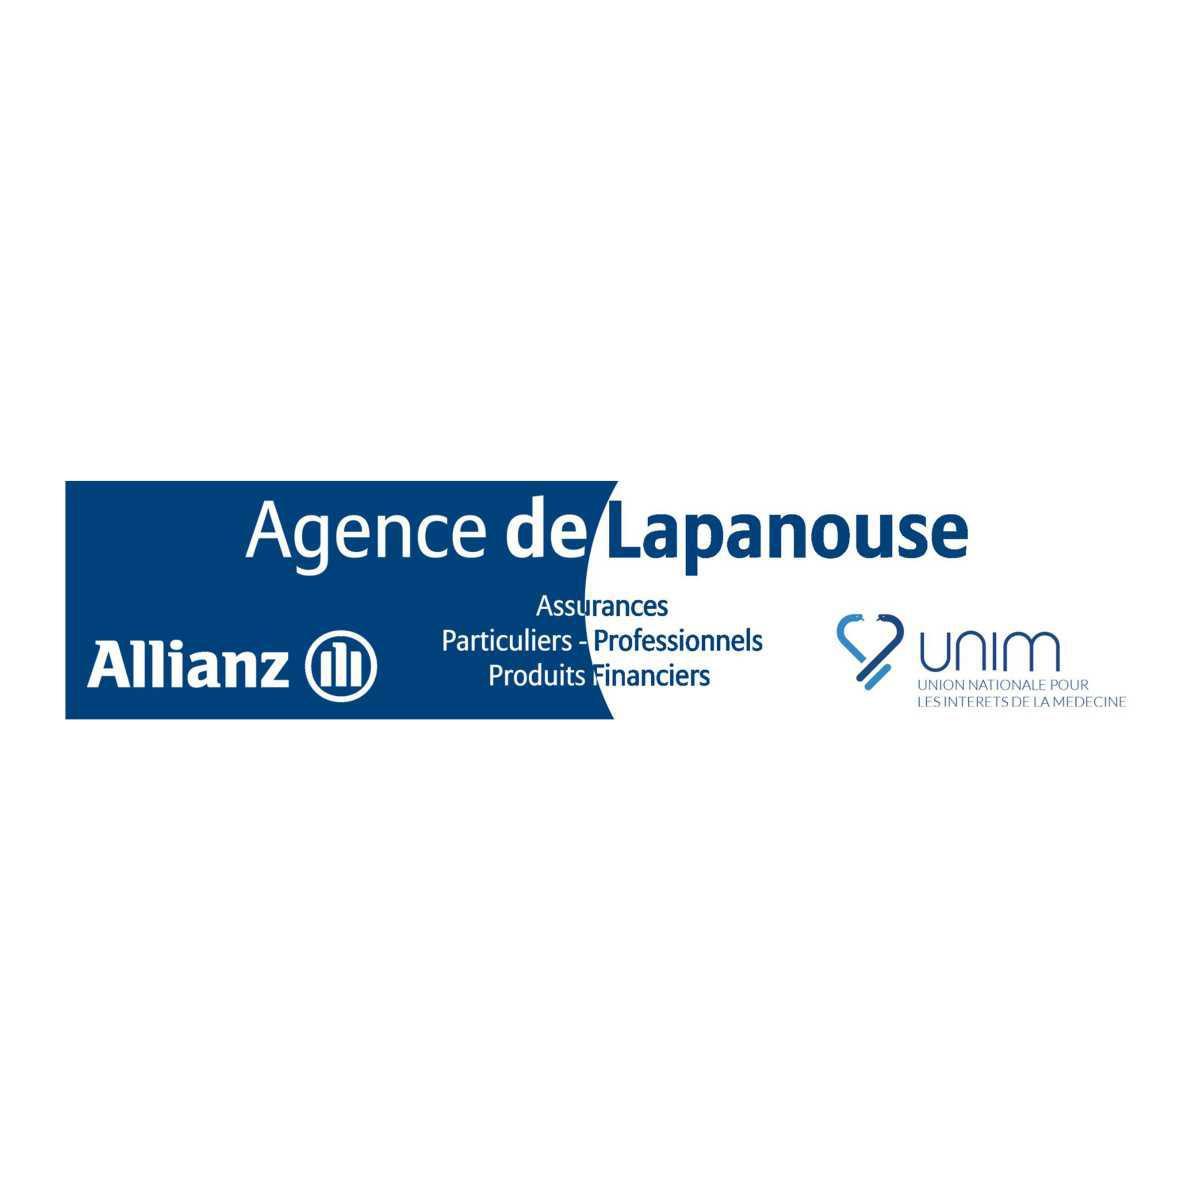 AGENCE DE LAPANOUSE